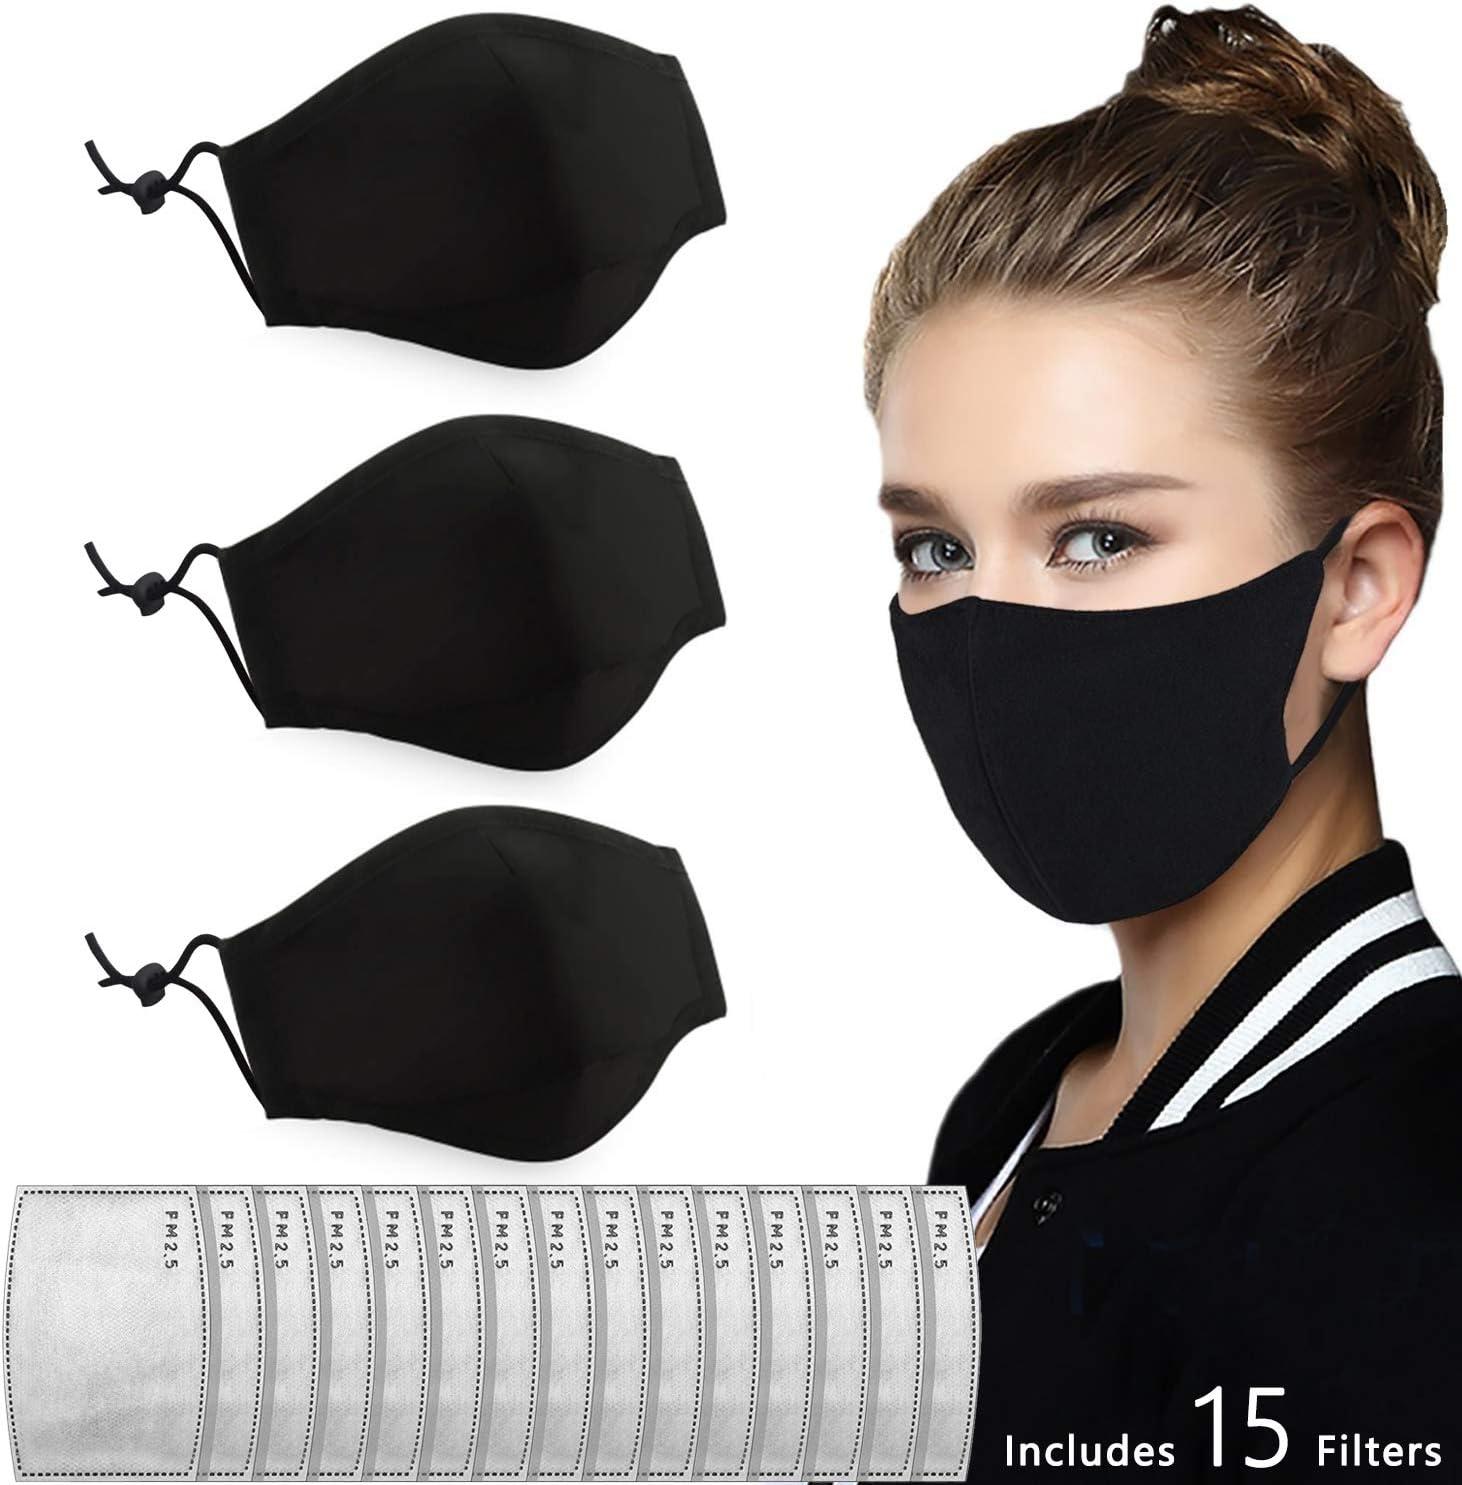 Cotton Protection from Dust PM2.5 M/àsk Other Airborne Irritants Pet Dander 3pcs+15pcs Reusable Cloth M/àsk Include M/àsk Filter Replacement Set Washable Pollen